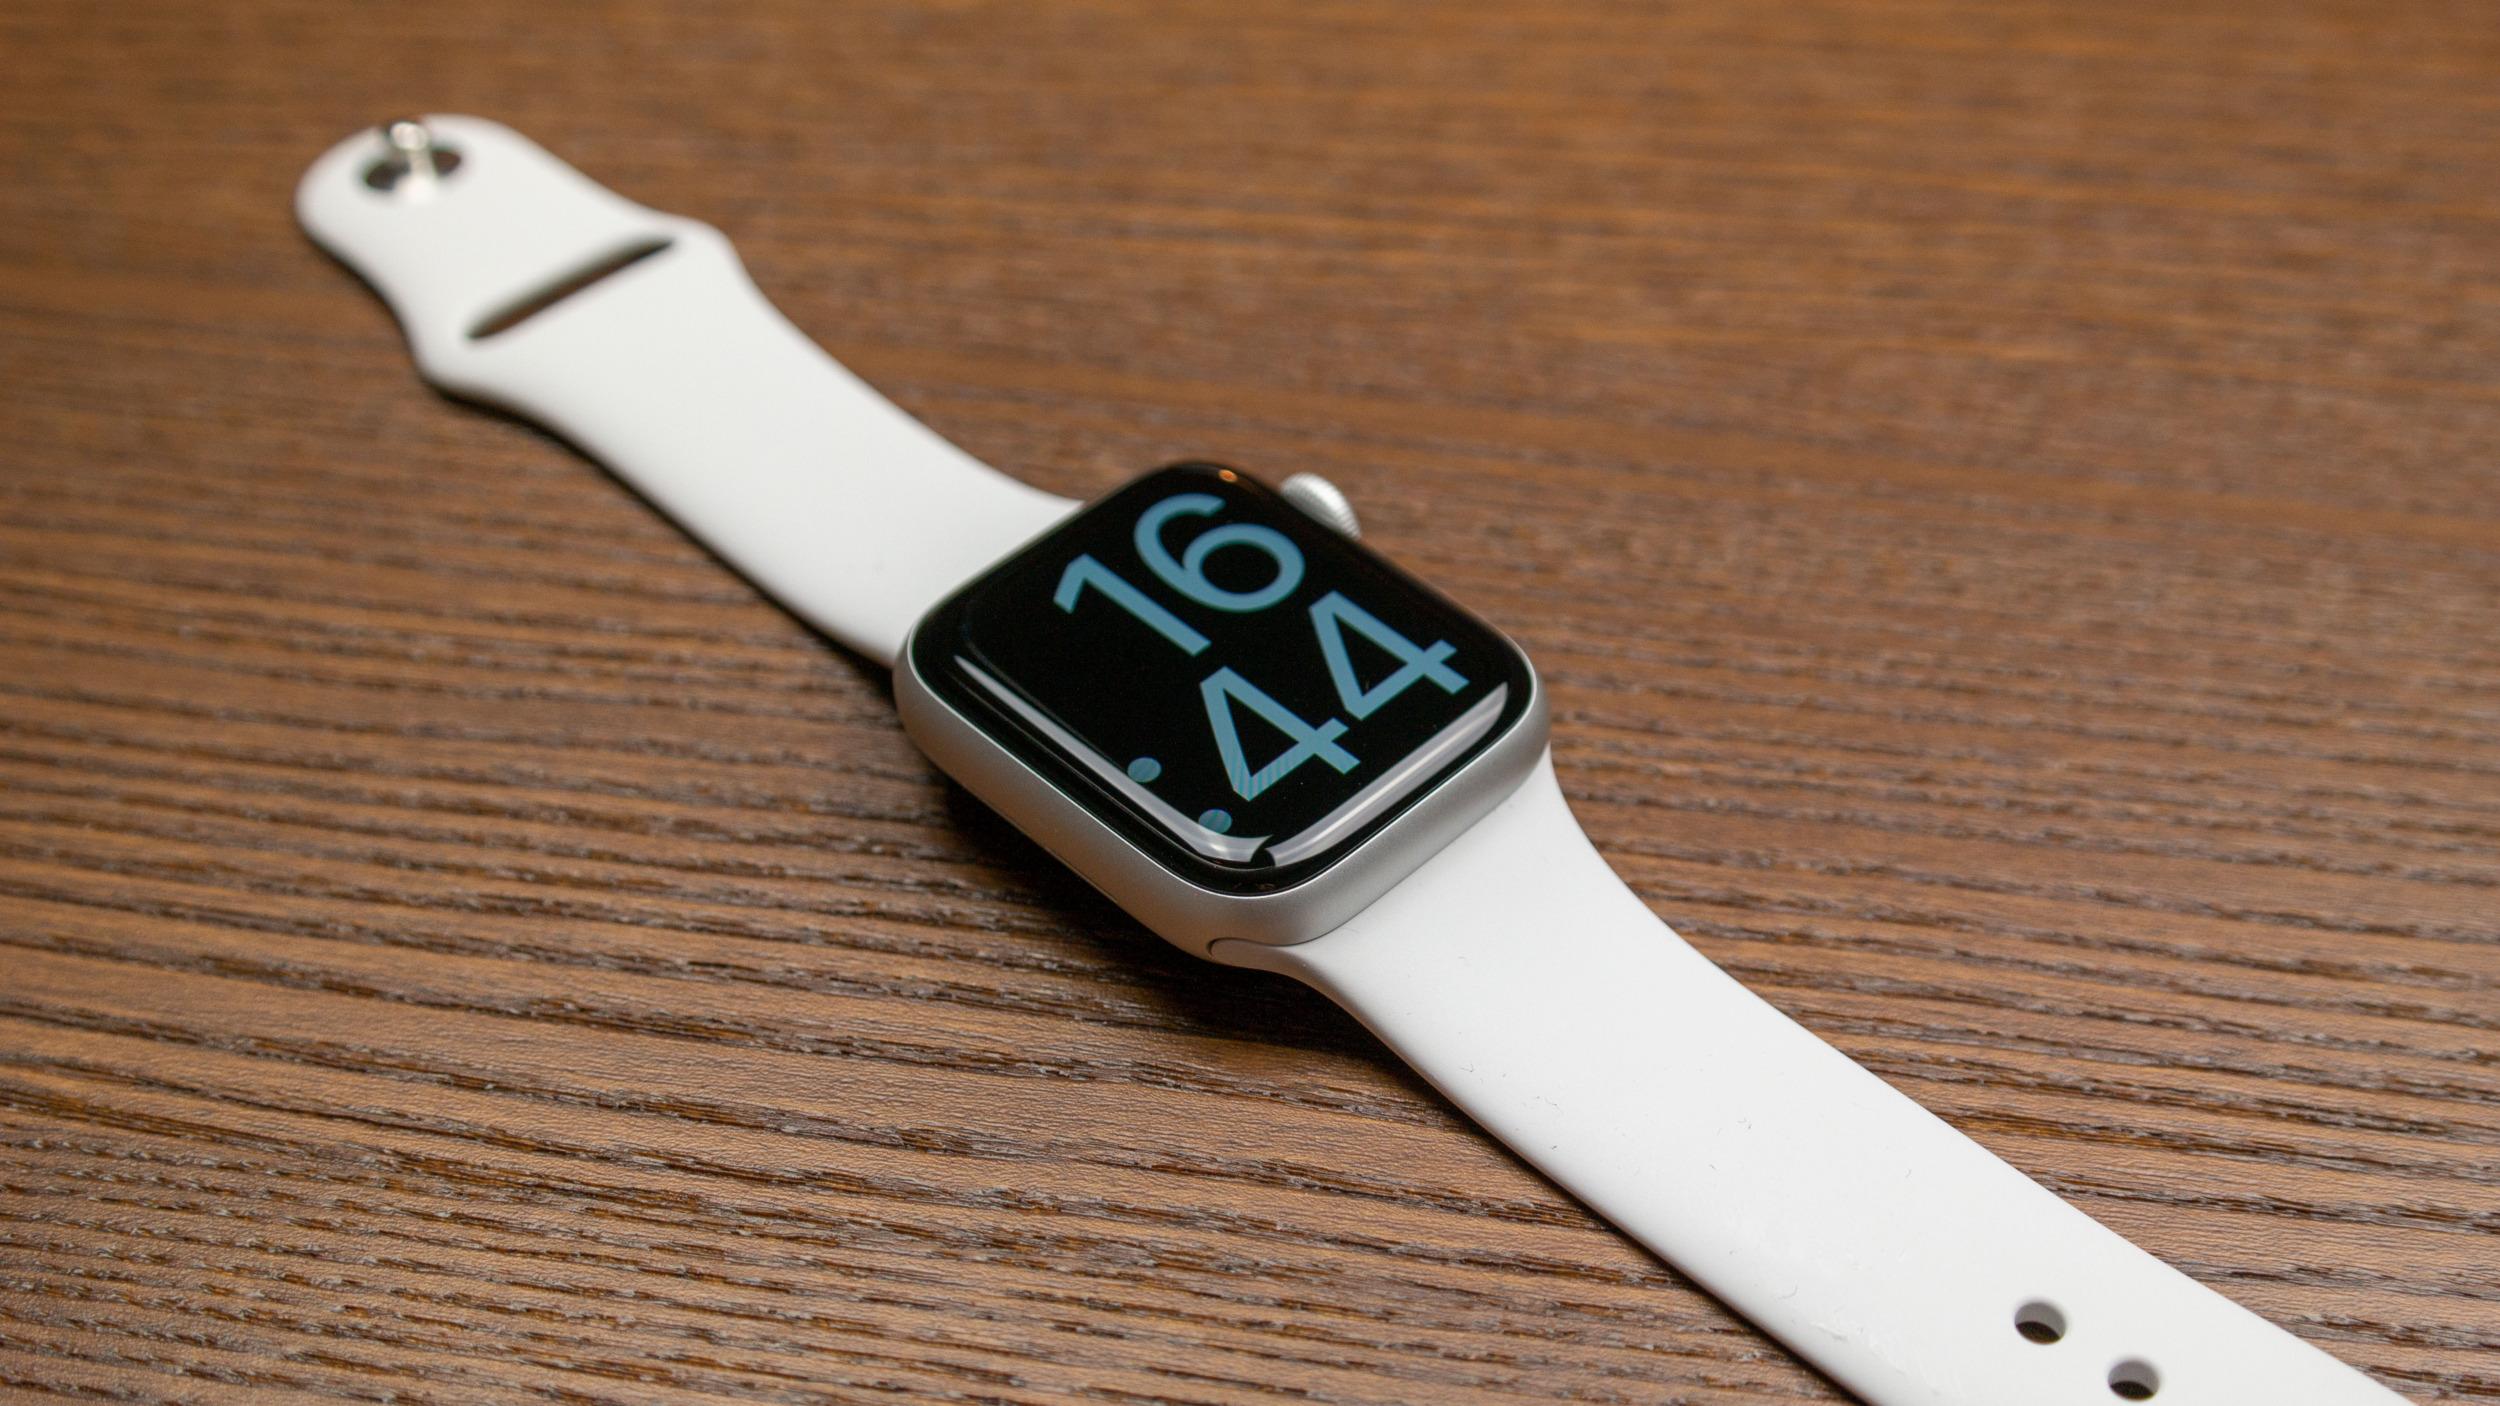 Nové levnější hodinky od Applu mají dorazit již v úterý s designem Apple Watch 4